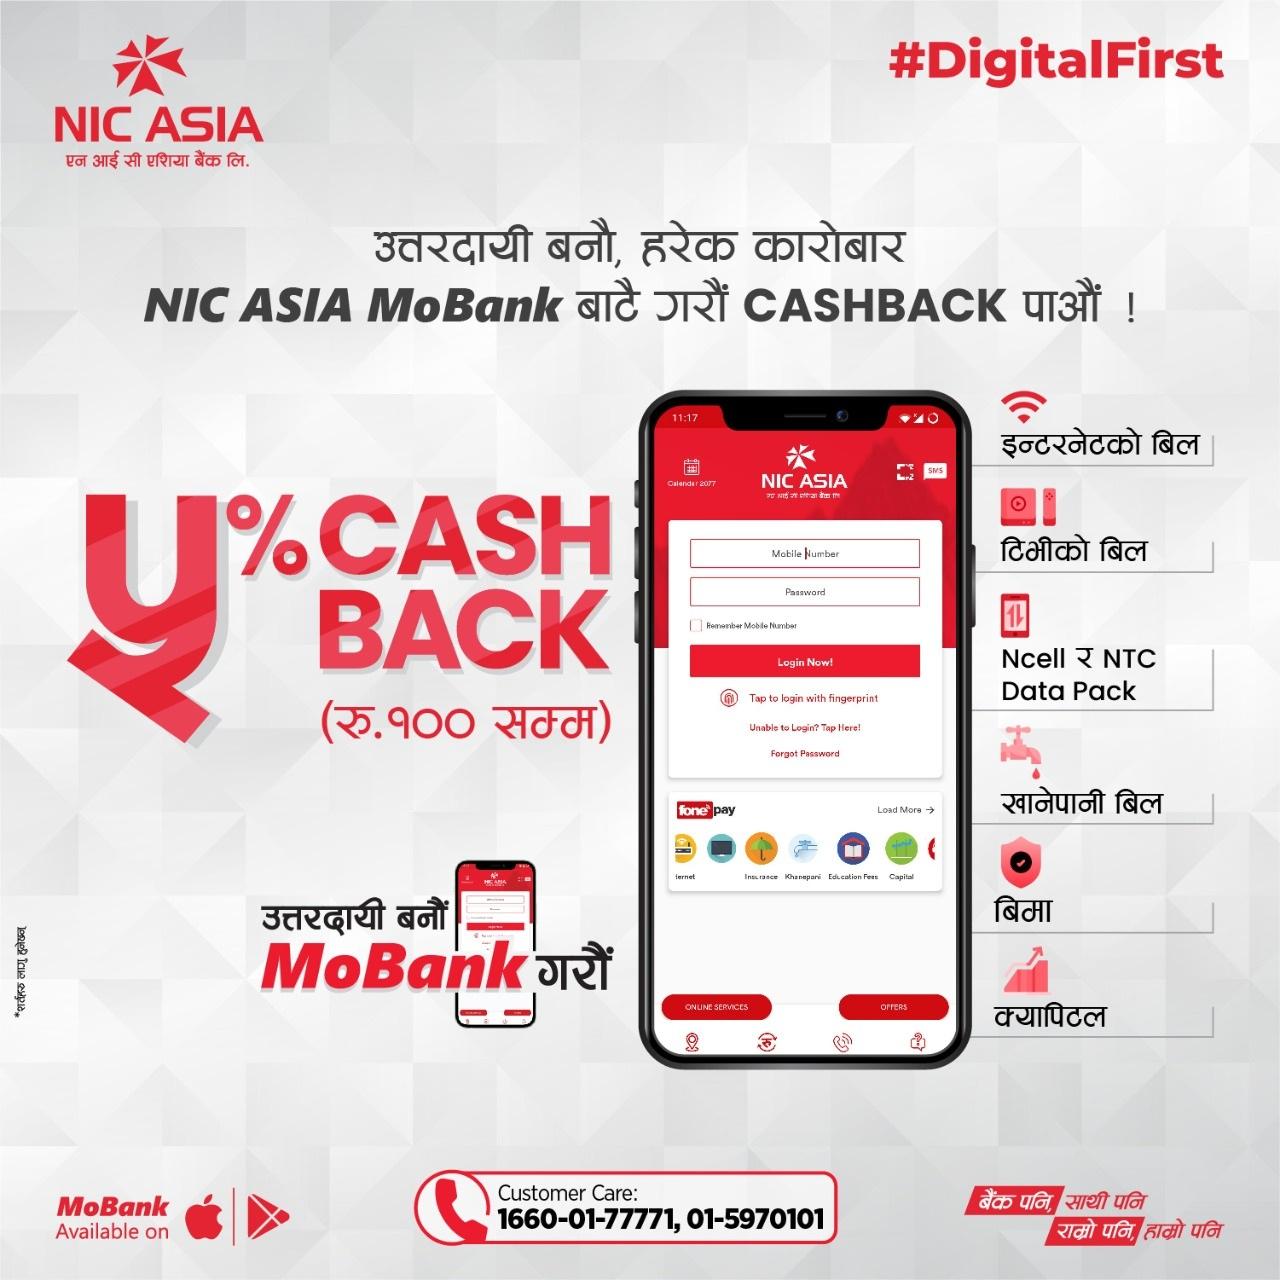 एनआईसी एशिया बैंकको मोबाइल बैंकिङ्ग प्रयोग गर्नेले नगद छुट प्राप्त गर्ने